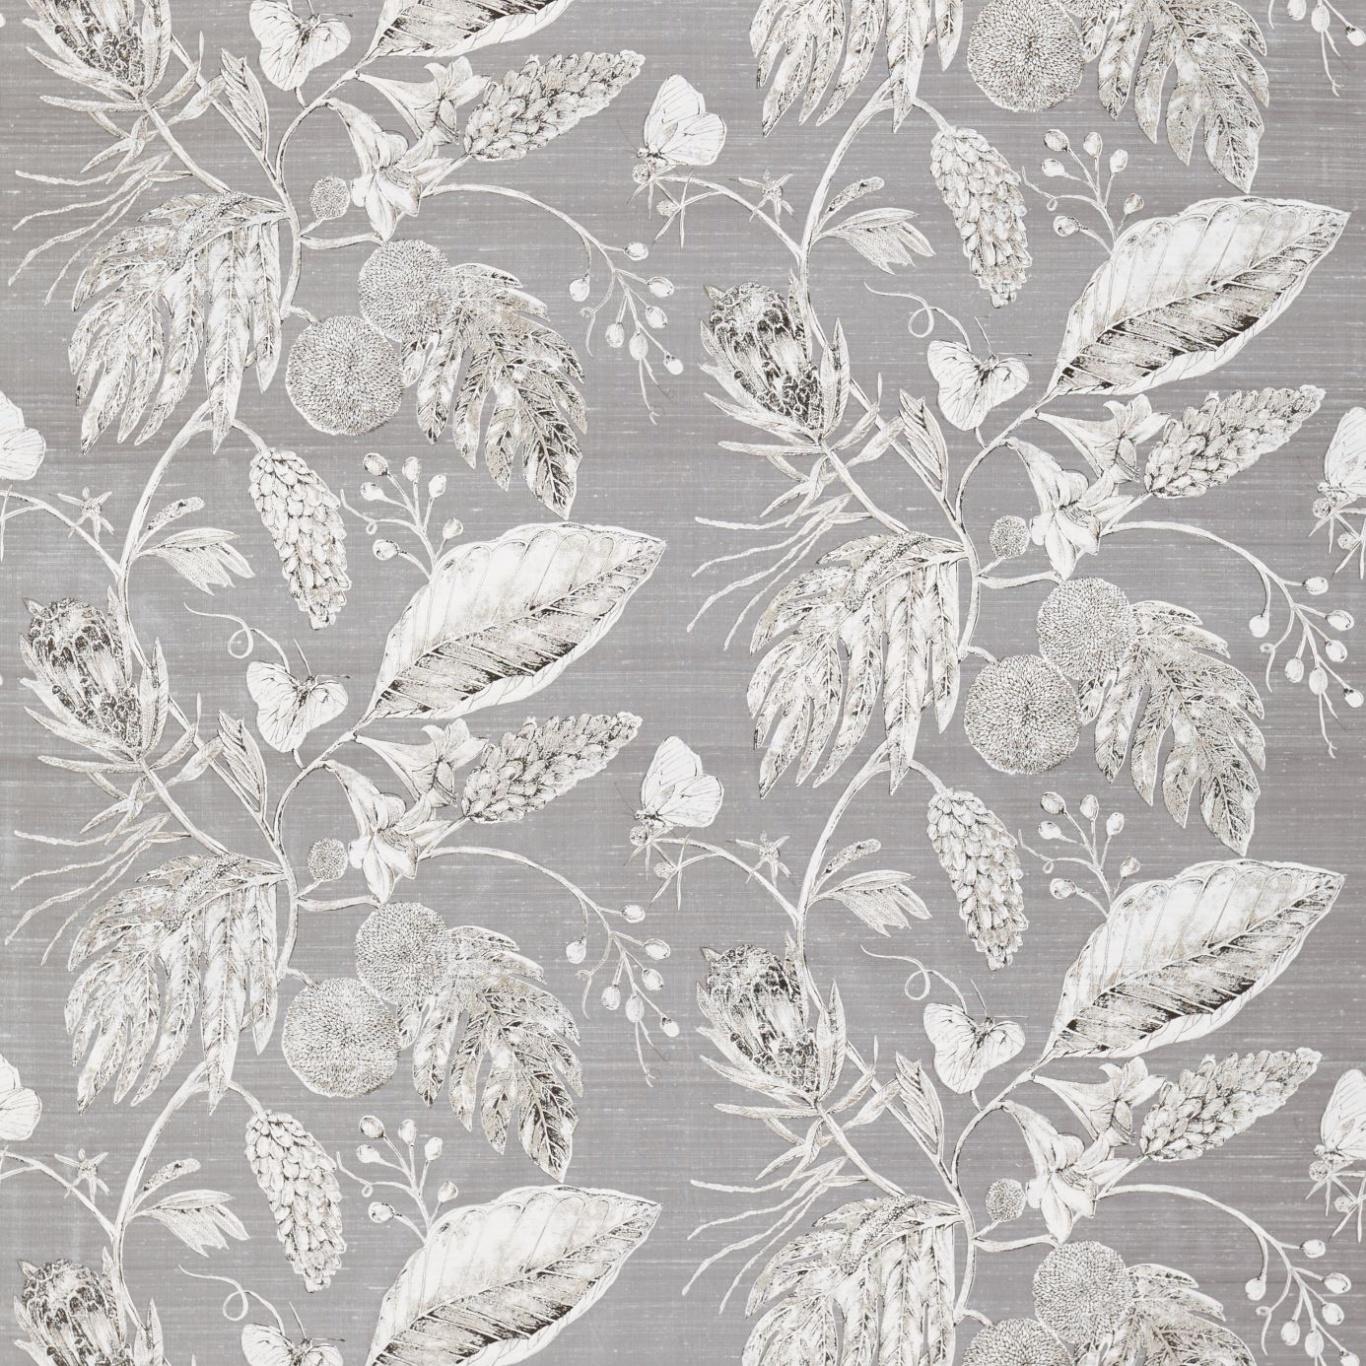 Image of Harlequin Amborella Steel Curtain Fabric 120420